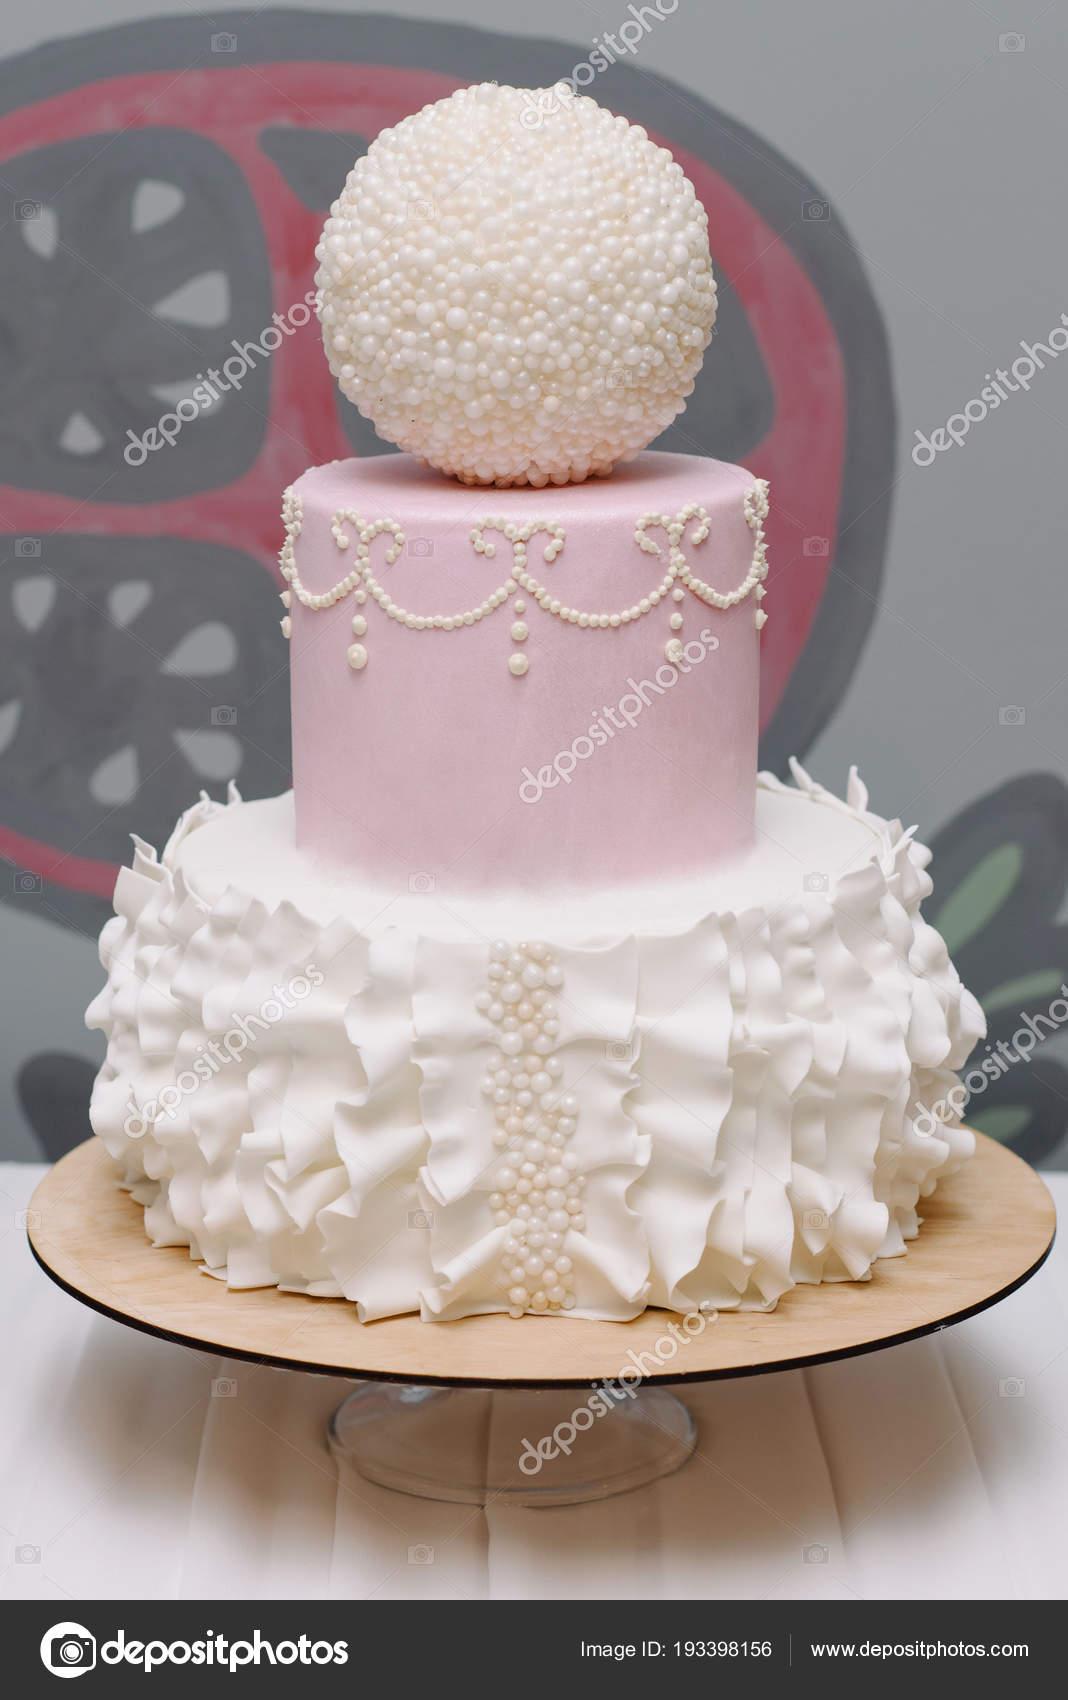 Sensational Images Nice Birthday Cakes Very Nice Birthday Cake For Girl Personalised Birthday Cards Paralily Jamesorg